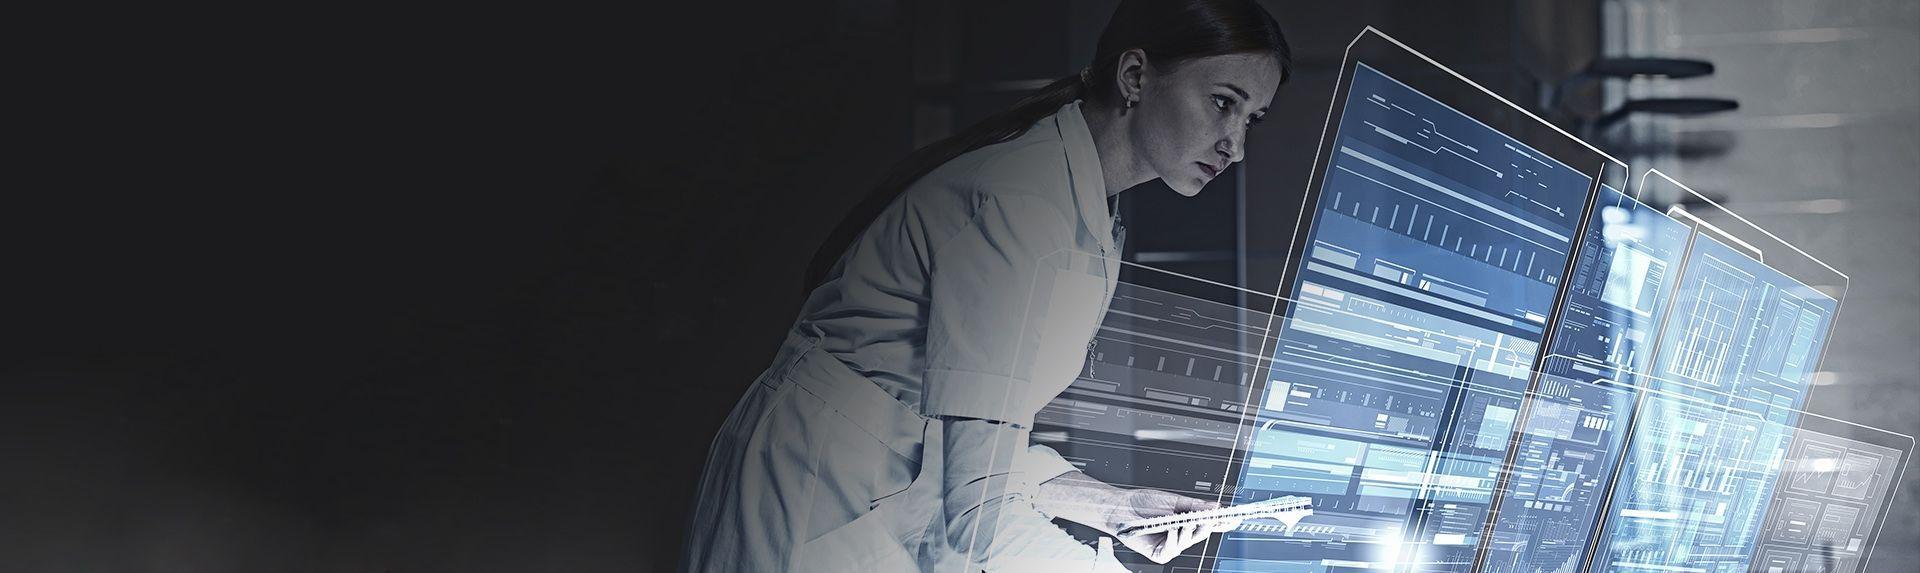 Климакс и женское здоровье. Медицинские инновации для тех, кому за 45